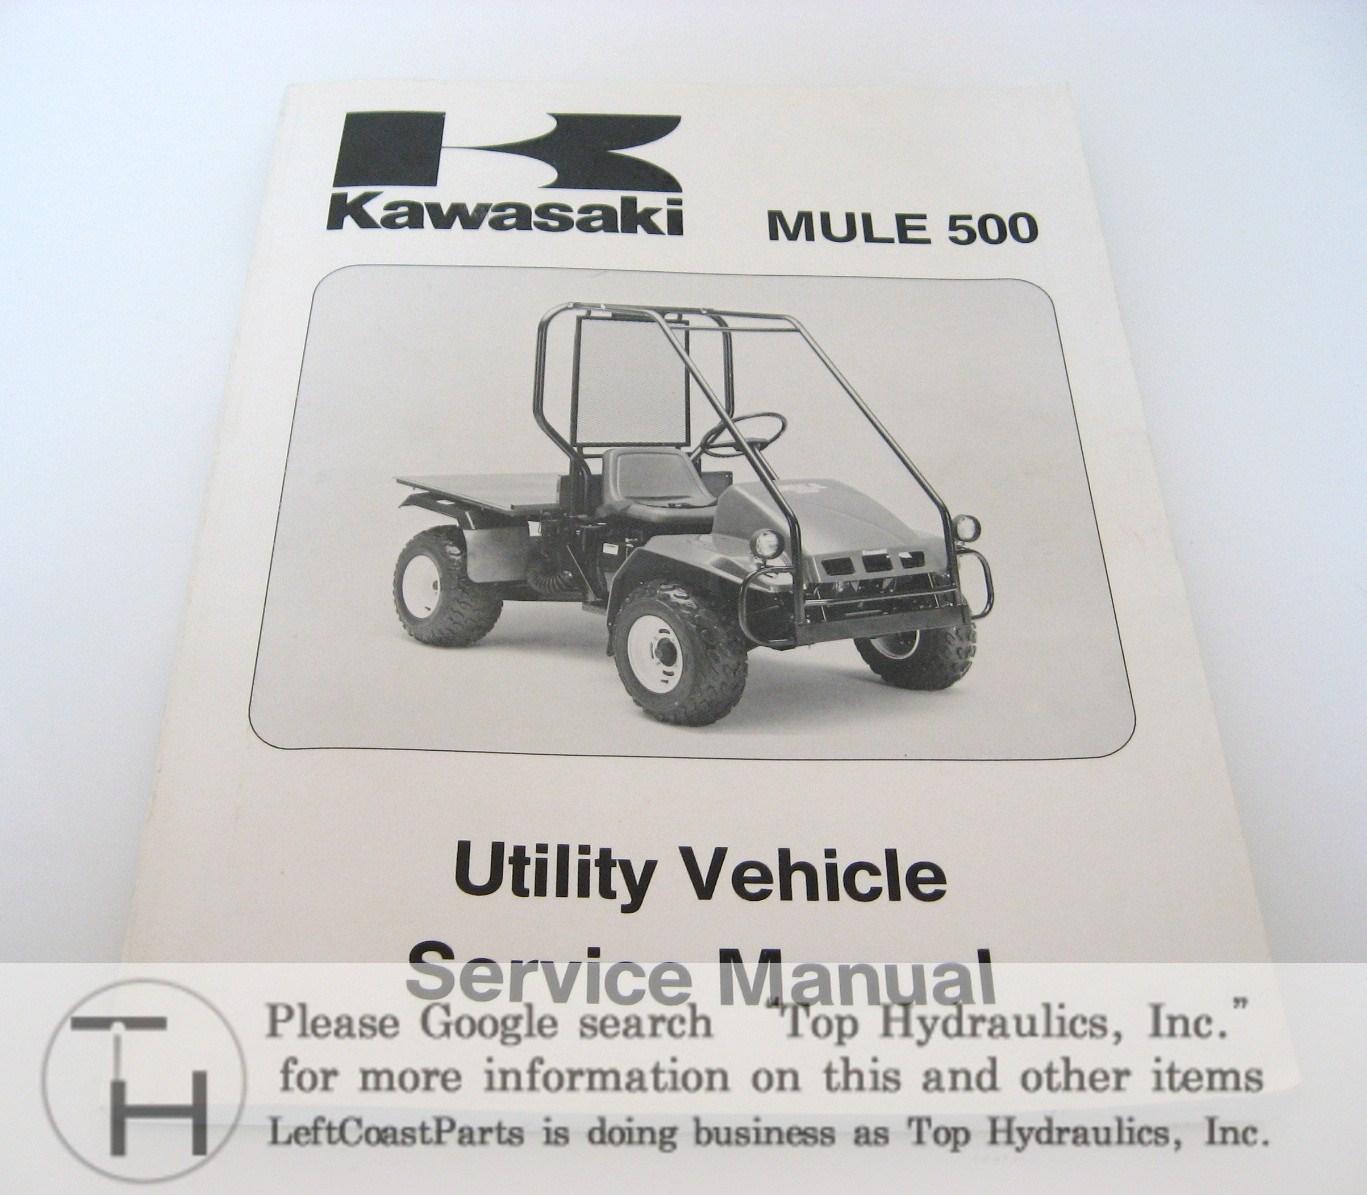 Leftcoastparts Oem Kawasaki Mule 500 Utility Vehicle